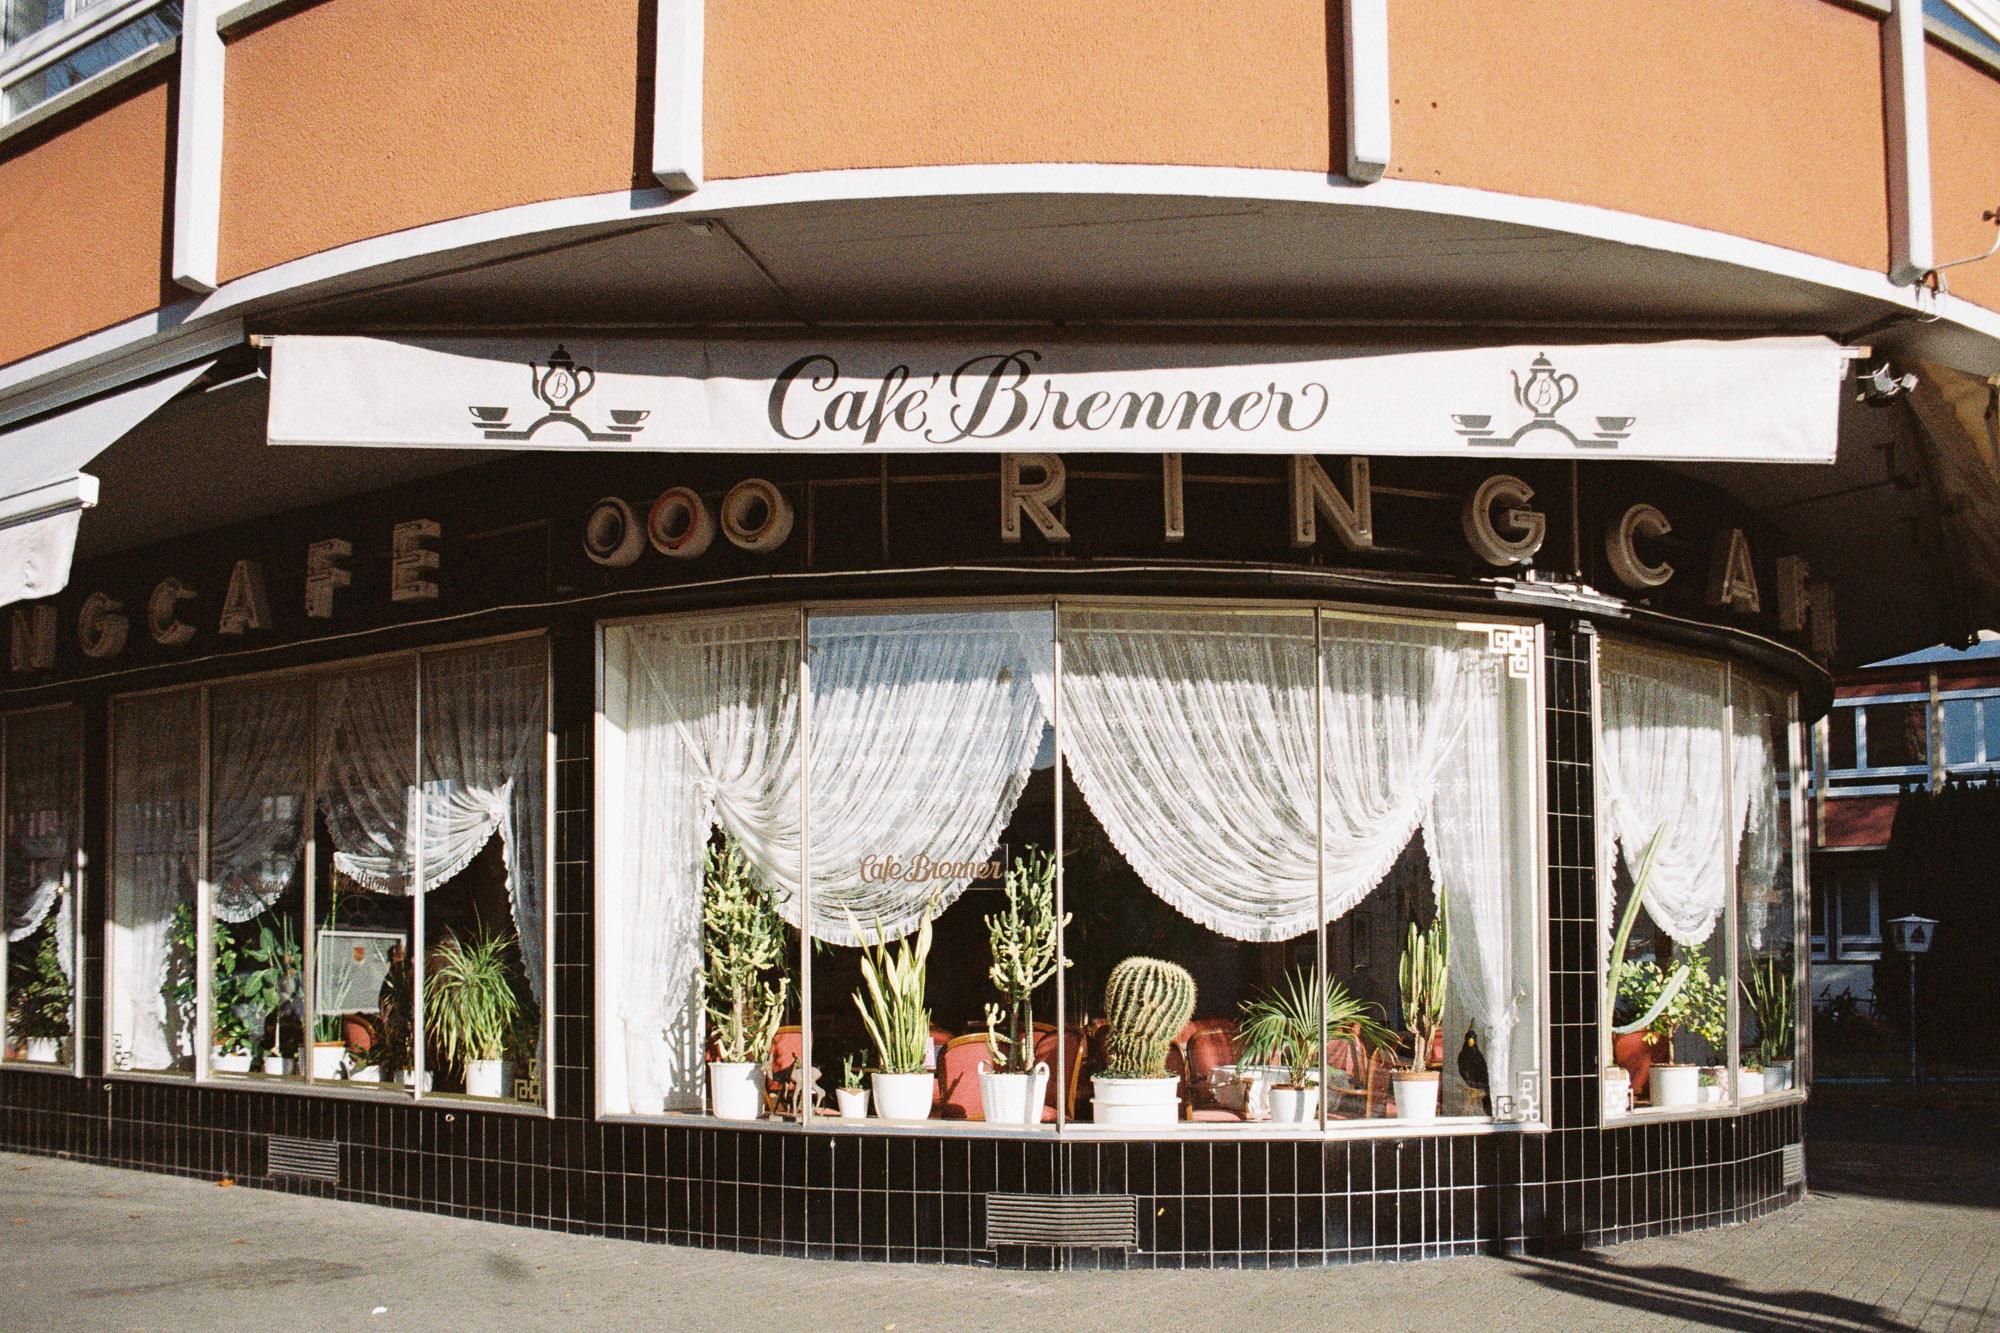 Altmodisches Café-Schaufenster voller Kakteen und mit Raffgardinen. Die Fassade ist schwarz gekachelt.